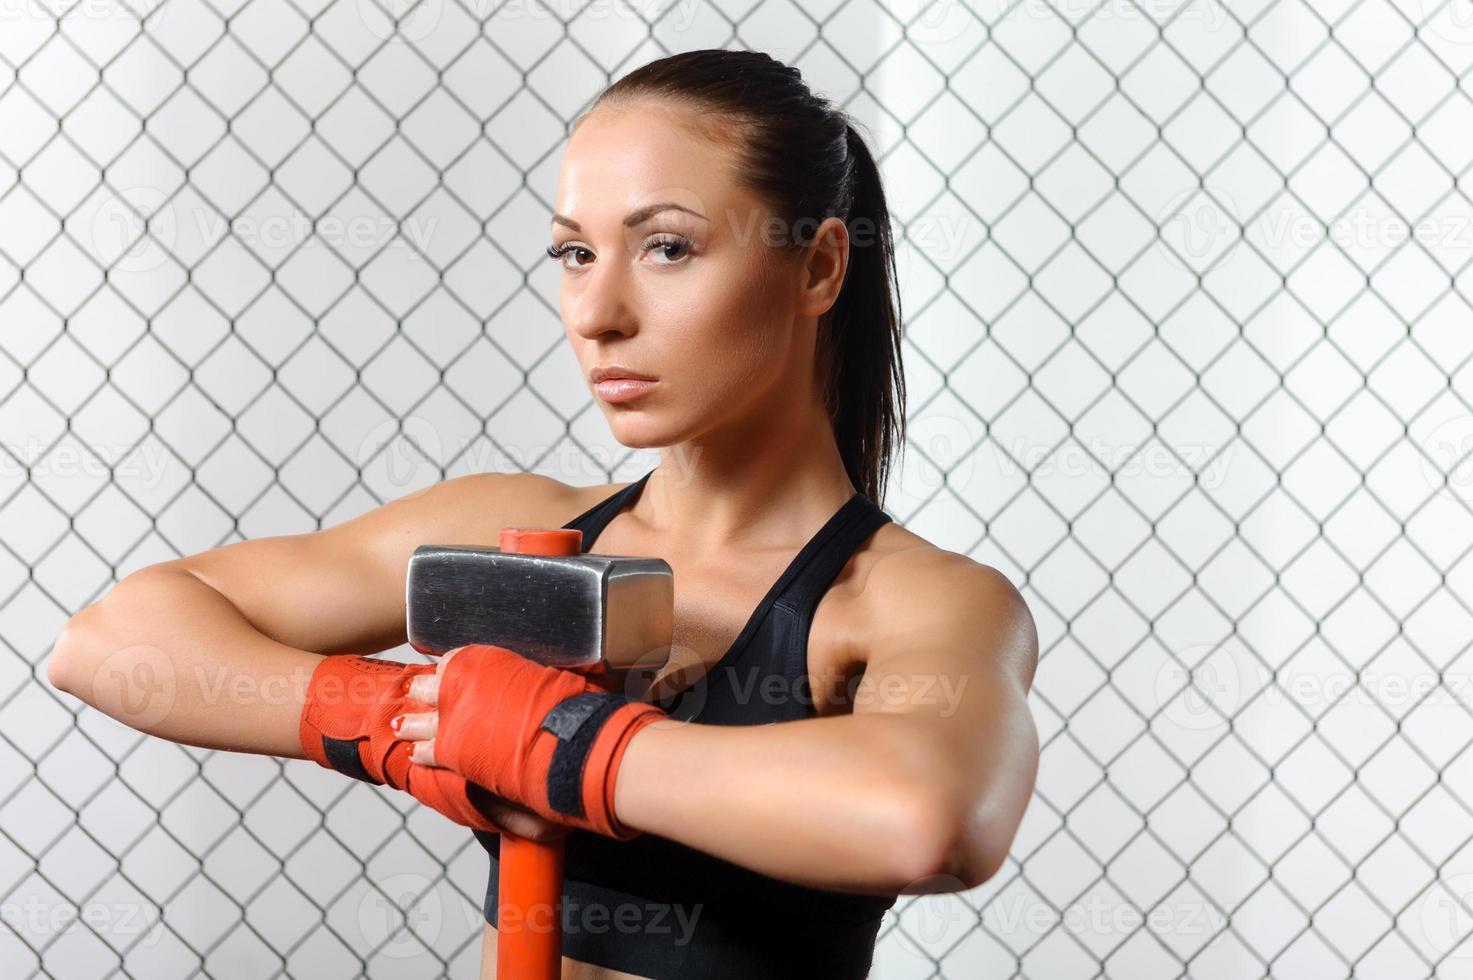 Sportlerin mit einem Hummer im Fitnessstudio foto